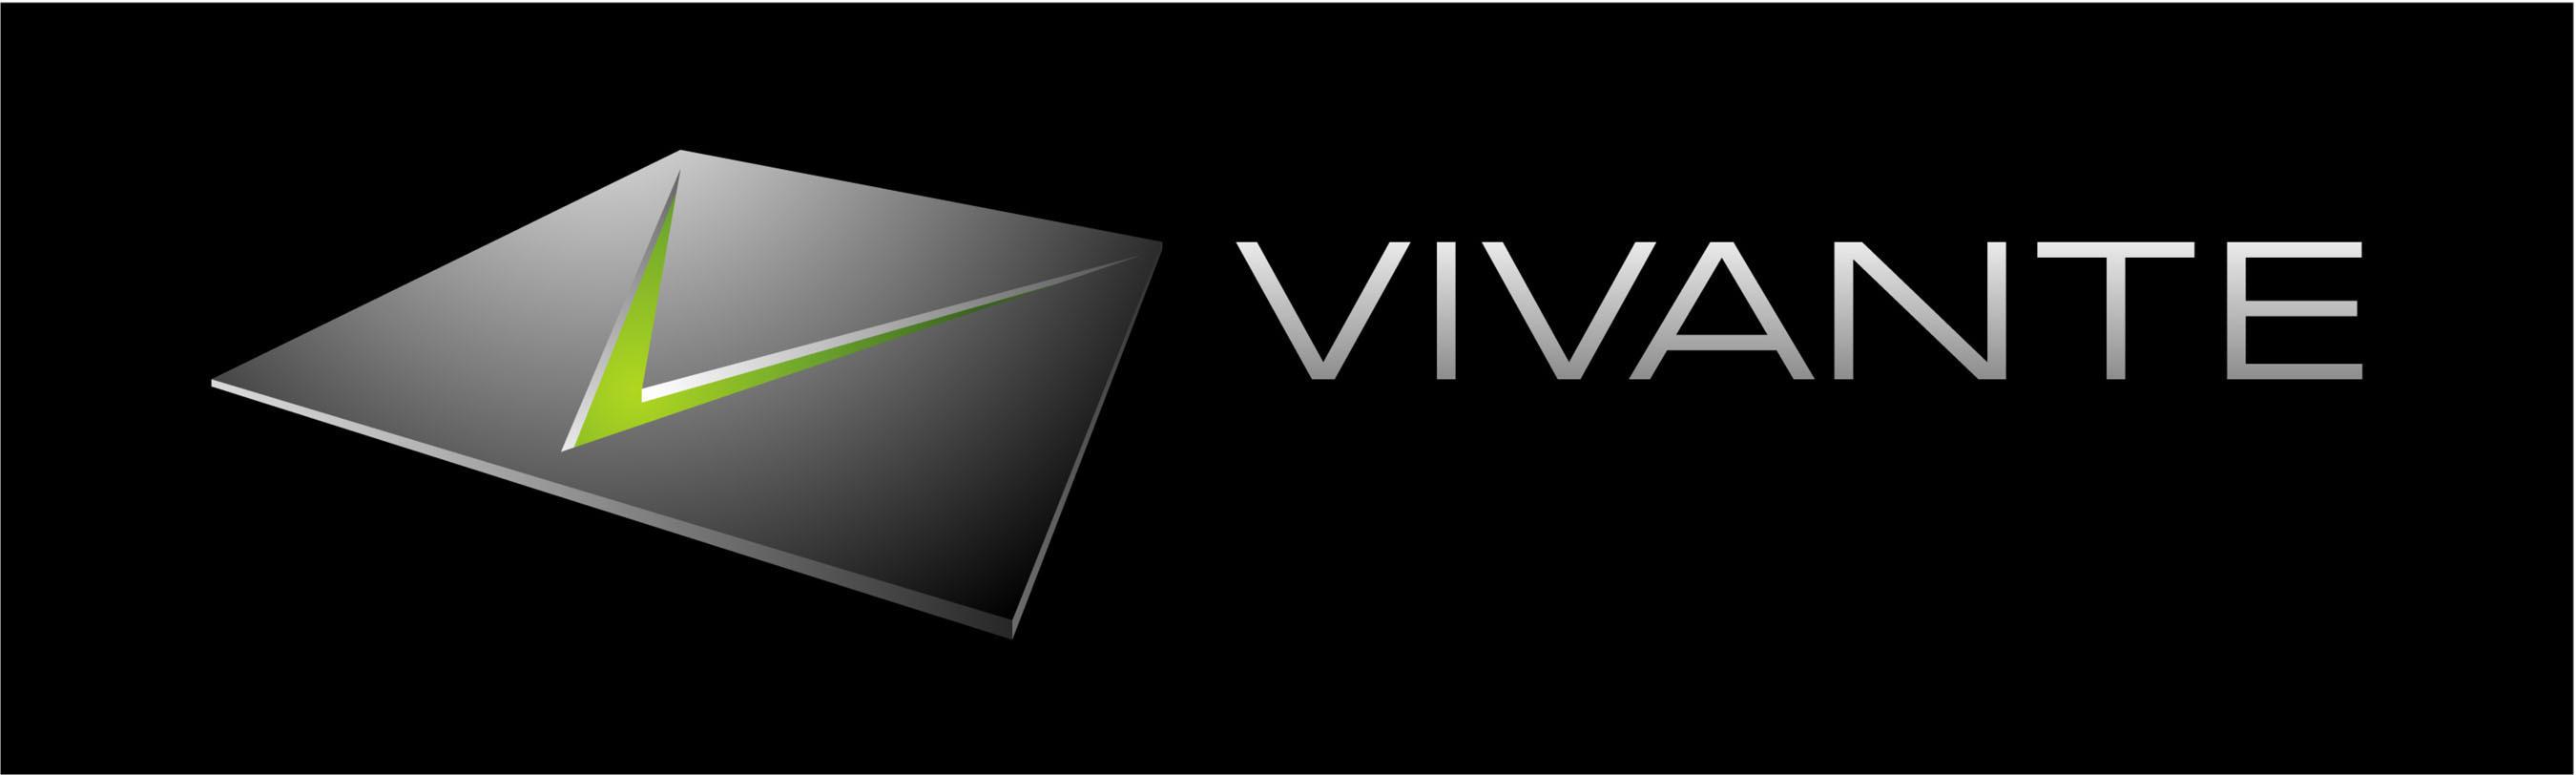 Vivante Logo. (PRNewsFoto/Vivante) (PRNewsFoto/)